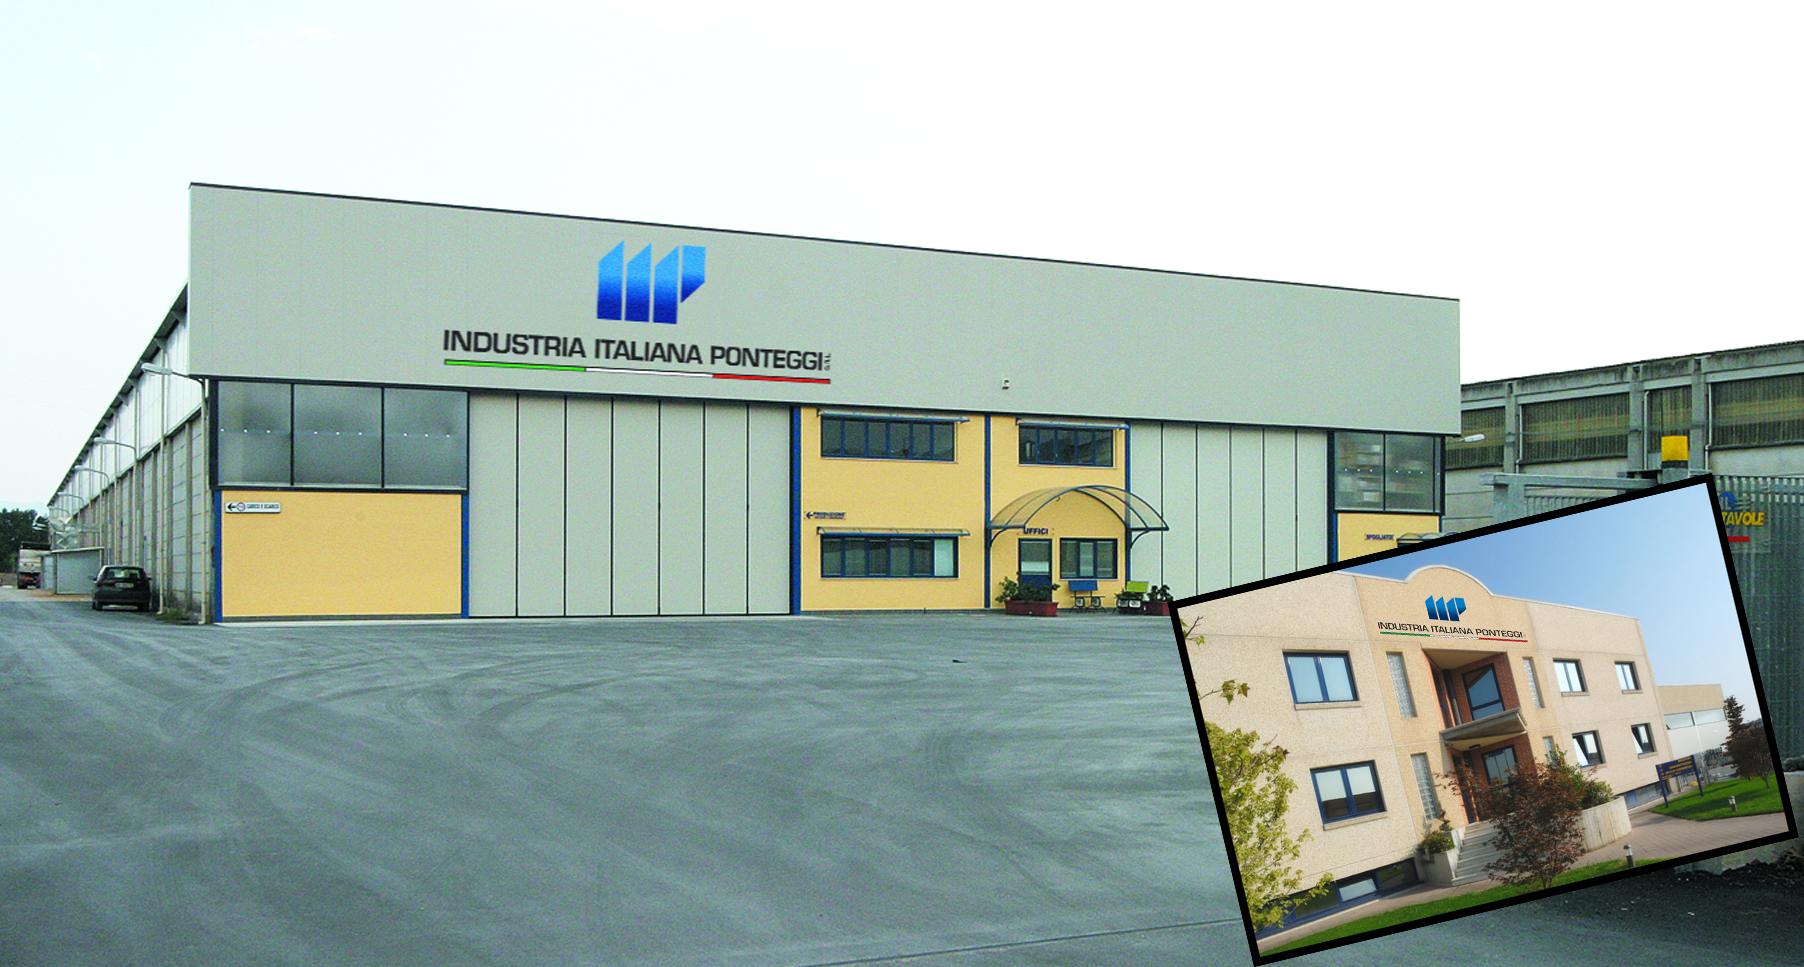 Industria Italiana Ponteggi